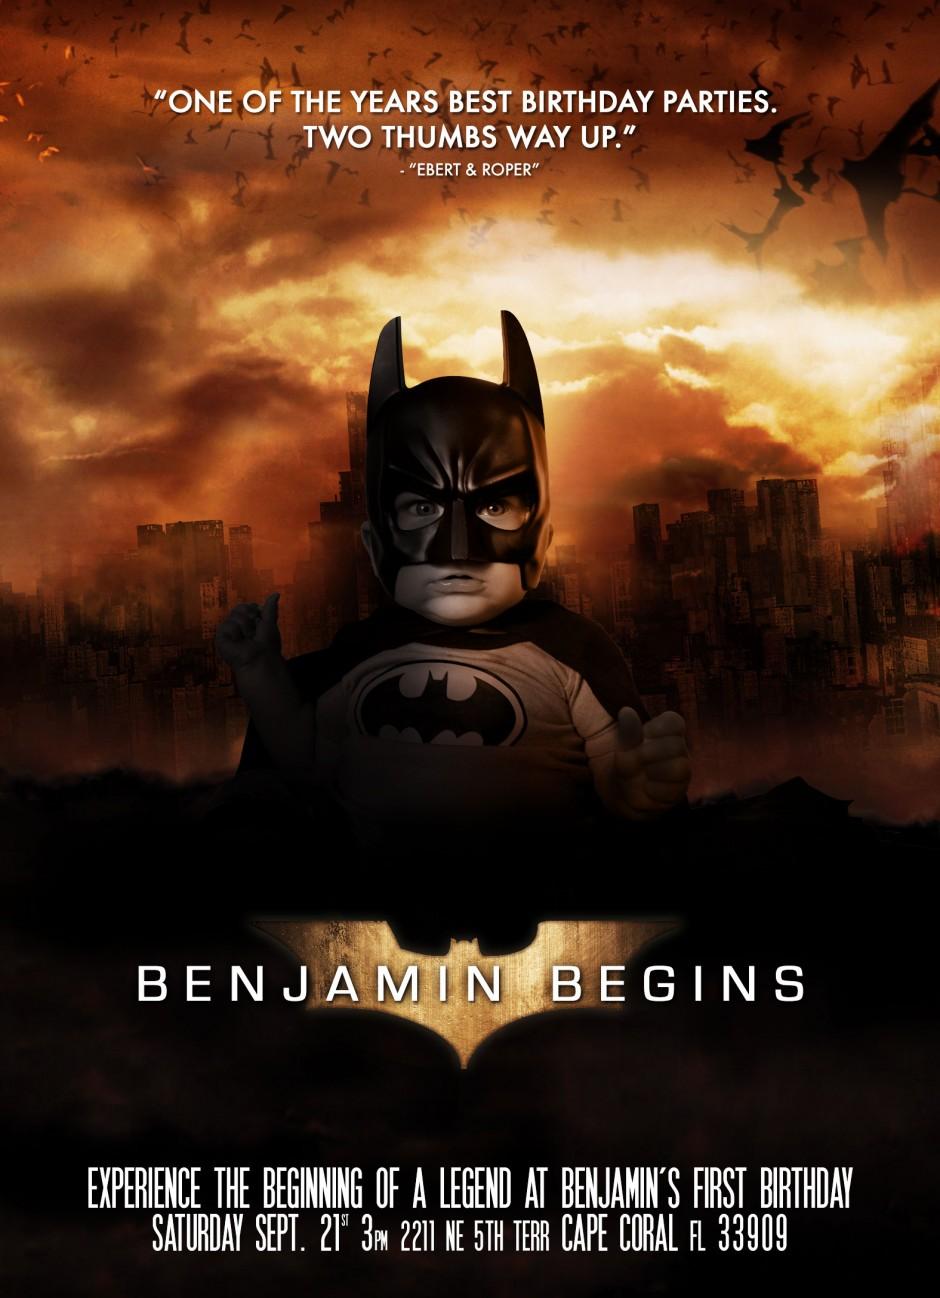 Benjamin-begins-1st-birthday-invite